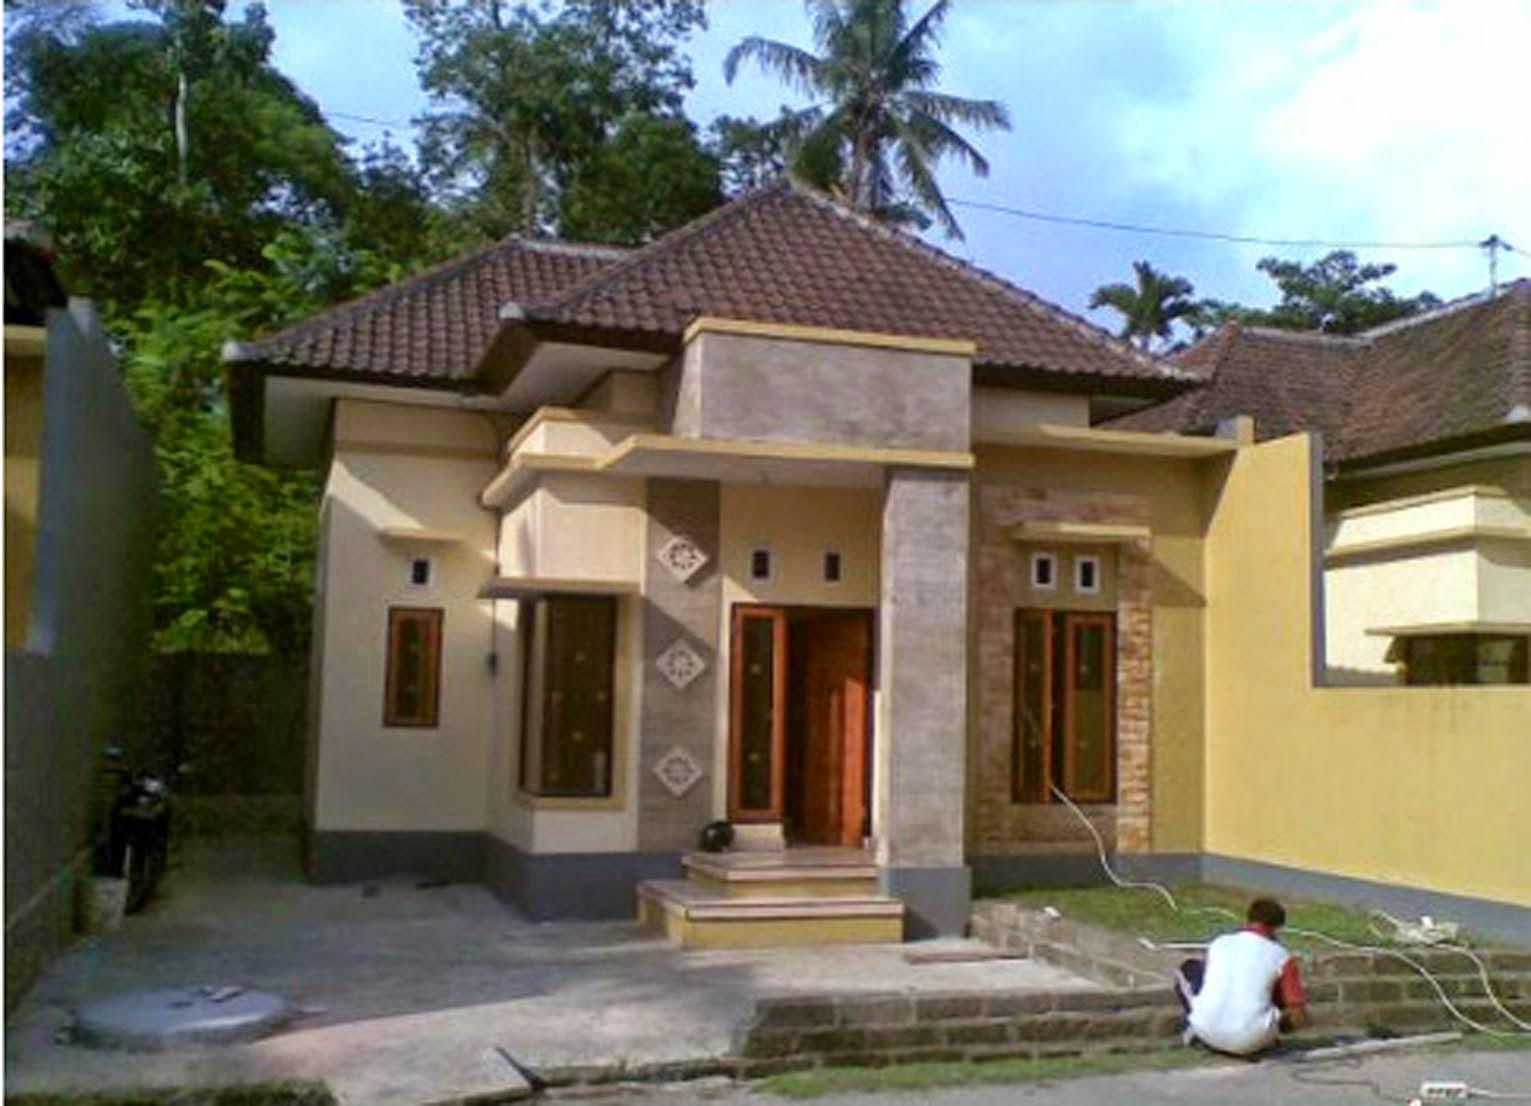 770 Gambar Rumah Mewah Di Desa Terbaru Gambar Rumah